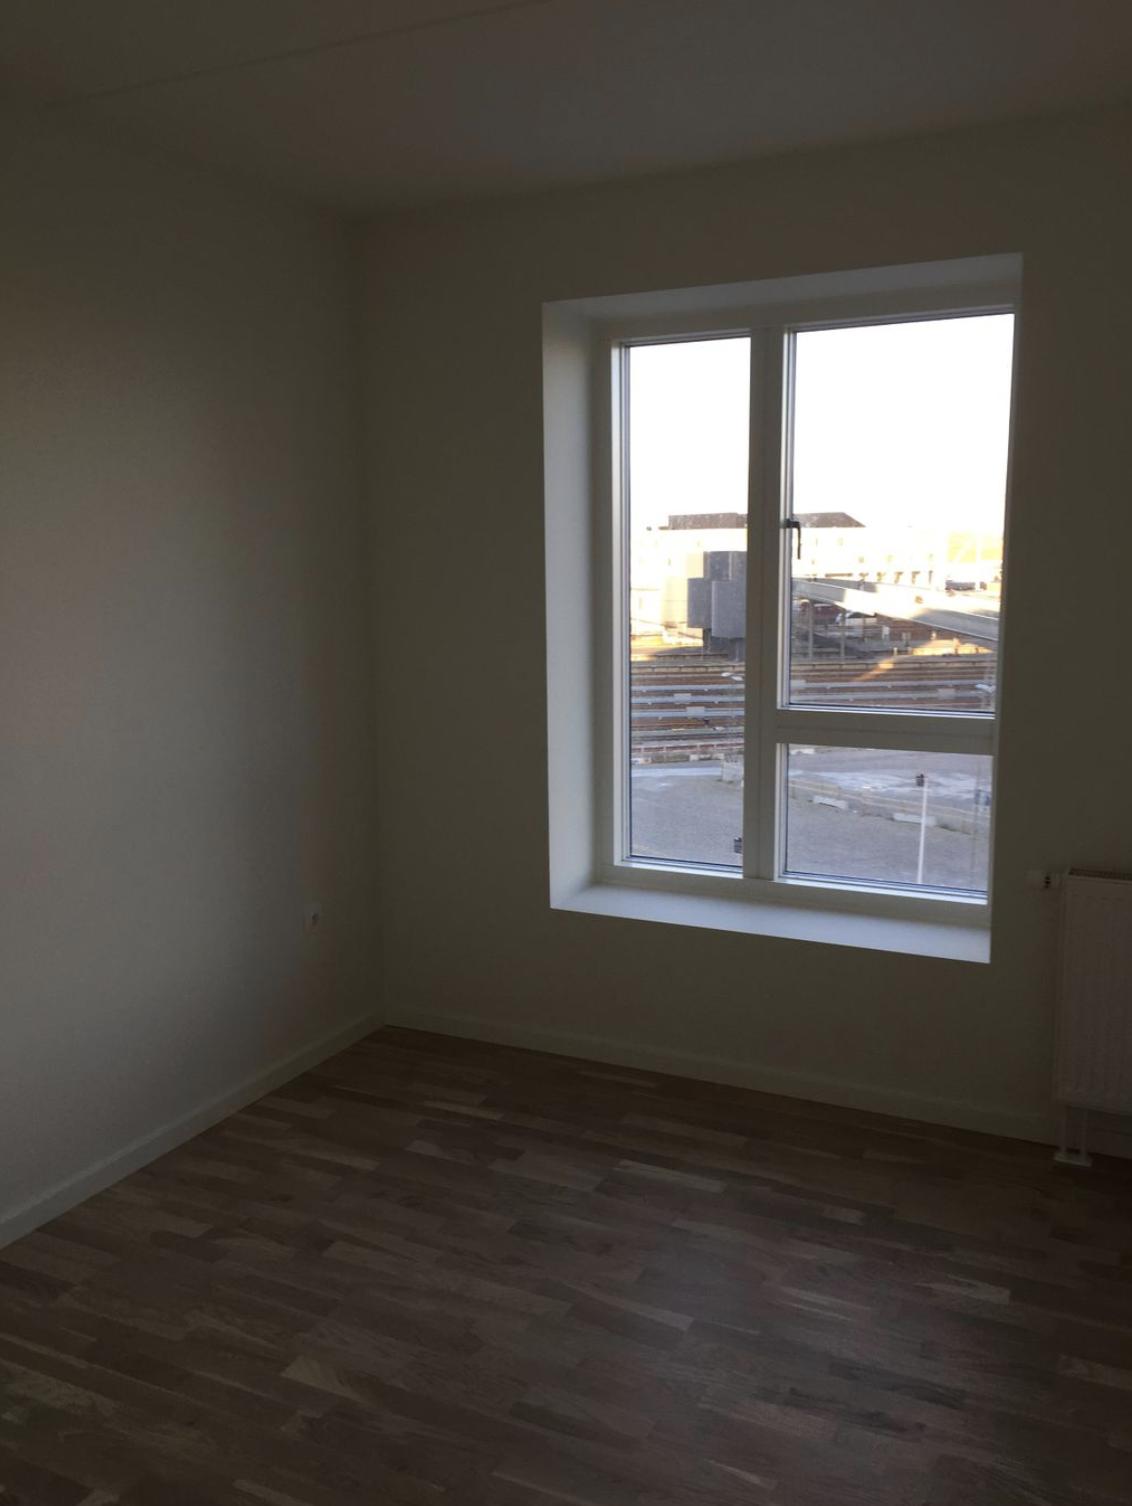 4 værelses lejlighed på 120kvm i midten af odense mangler en roomie